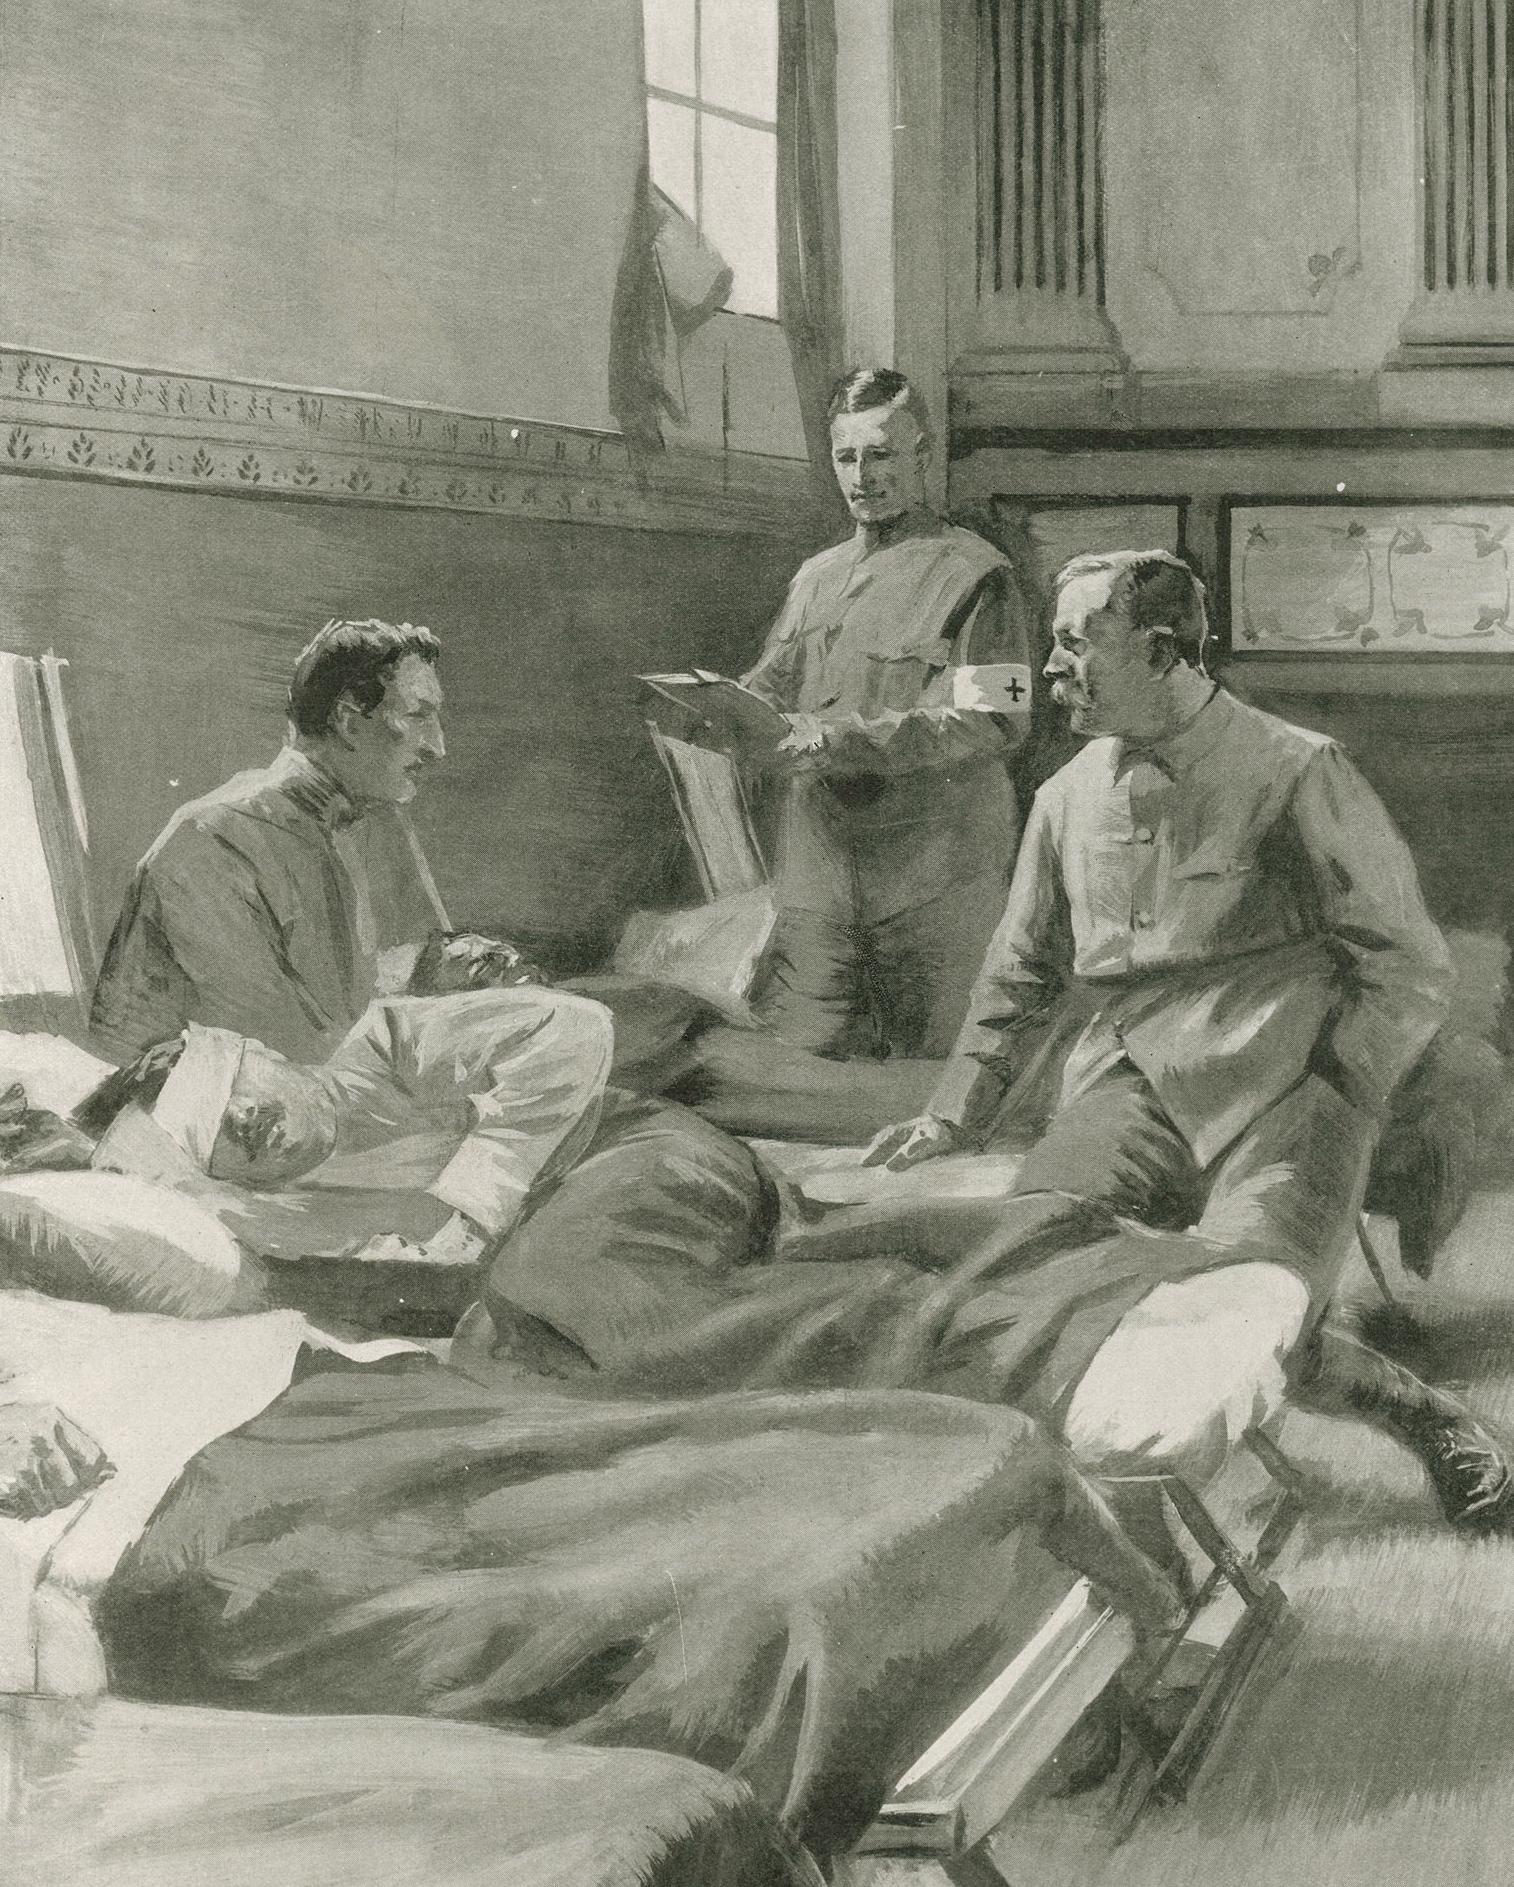 Сэр Артур Конан Дойл в полевом госпитале во время Англо-бурской войны. работа не ранее 1899 года